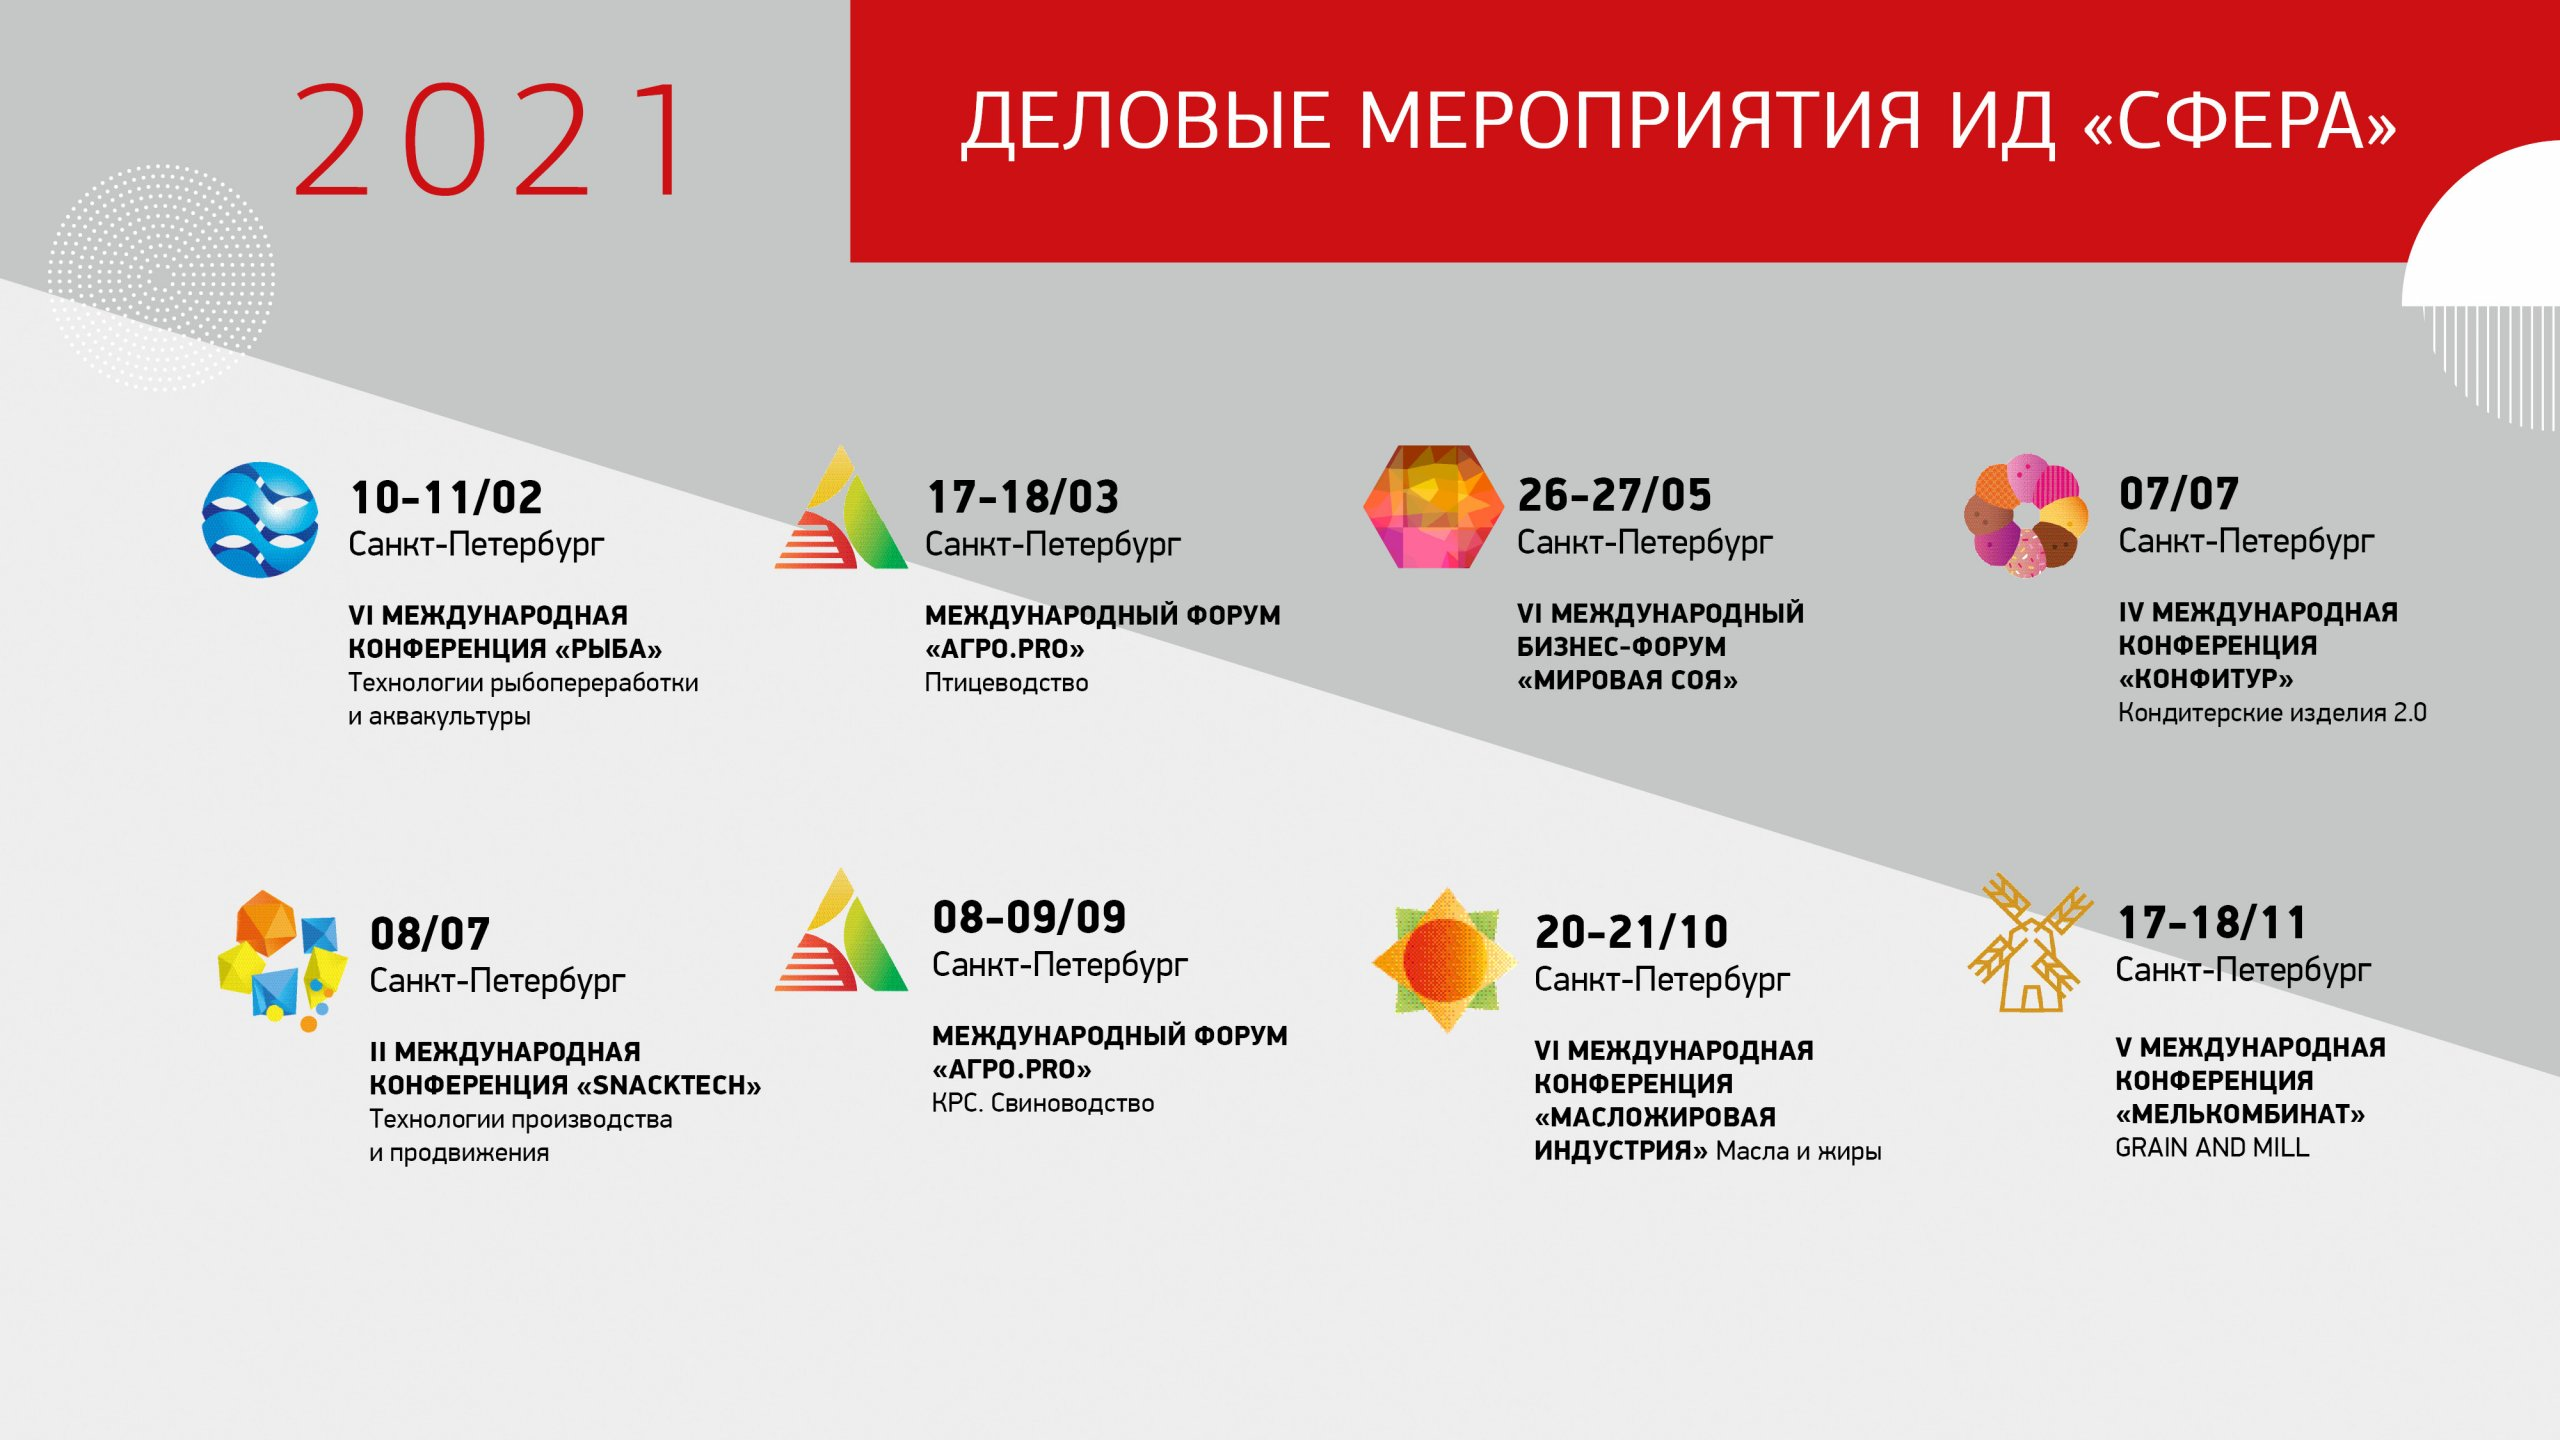 Планируйте год вместе с календарем деловых мероприятий ИД «Сфера»!